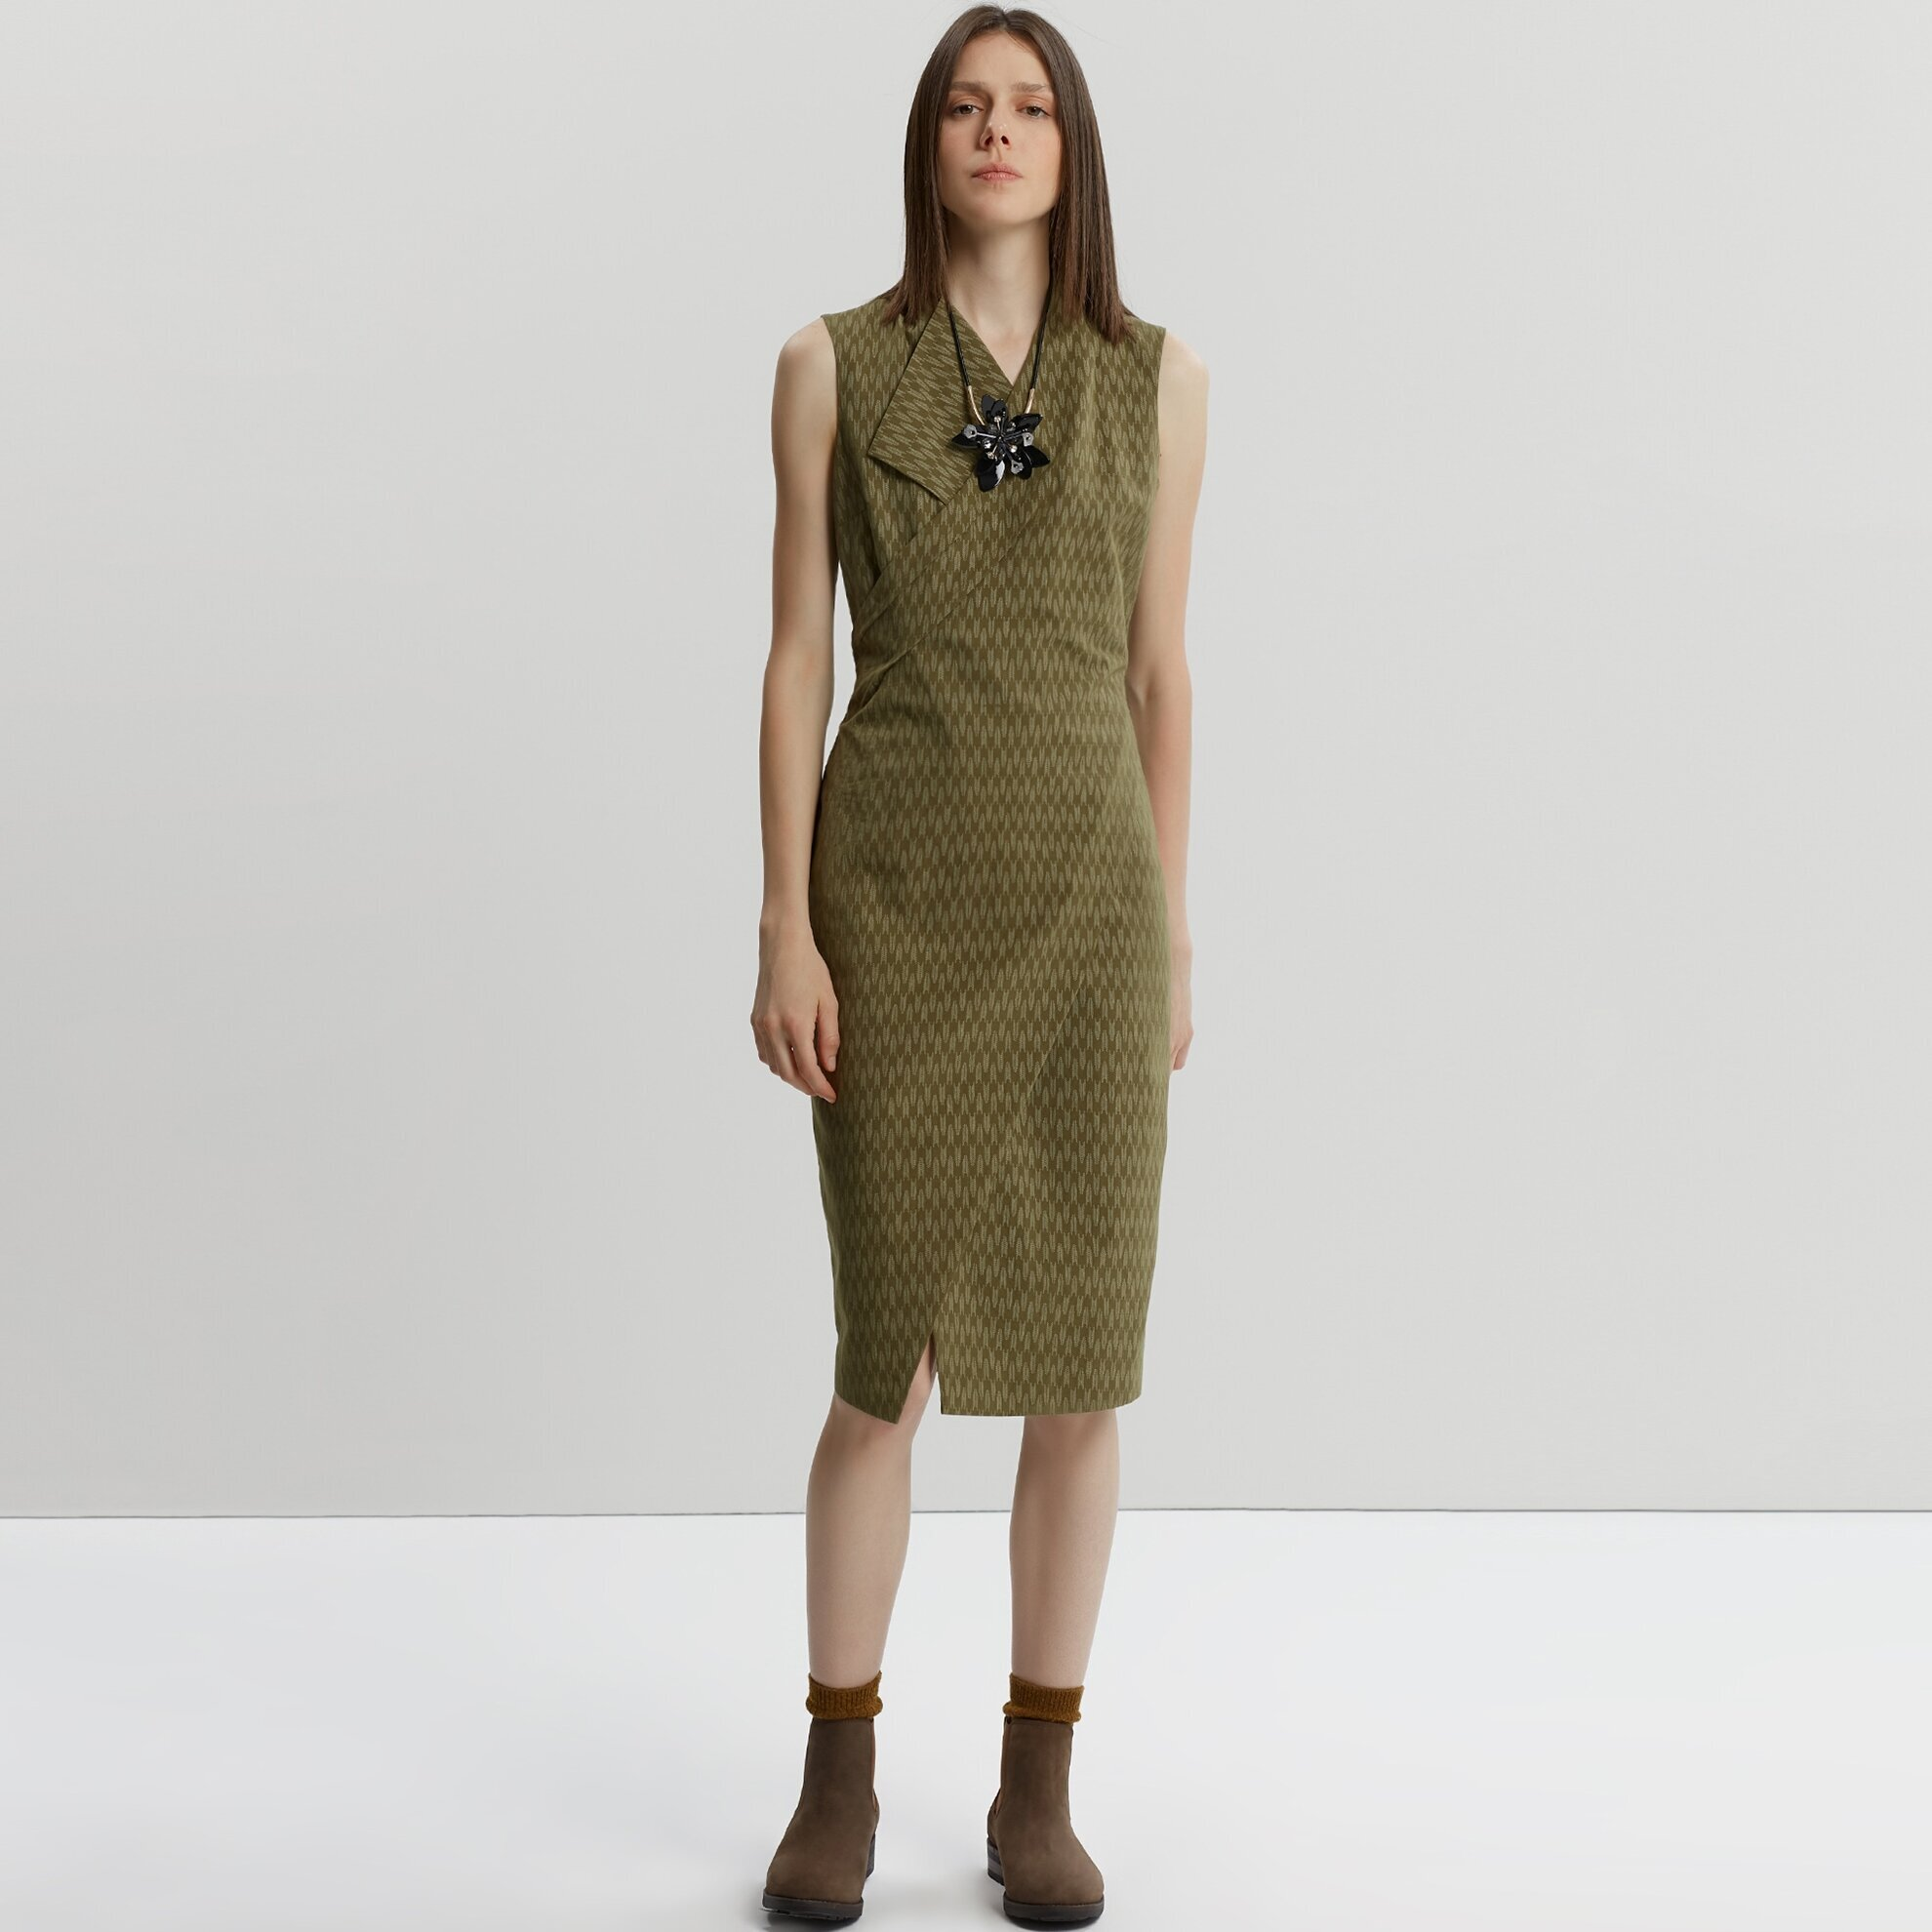 Dik Yakalı Elbise